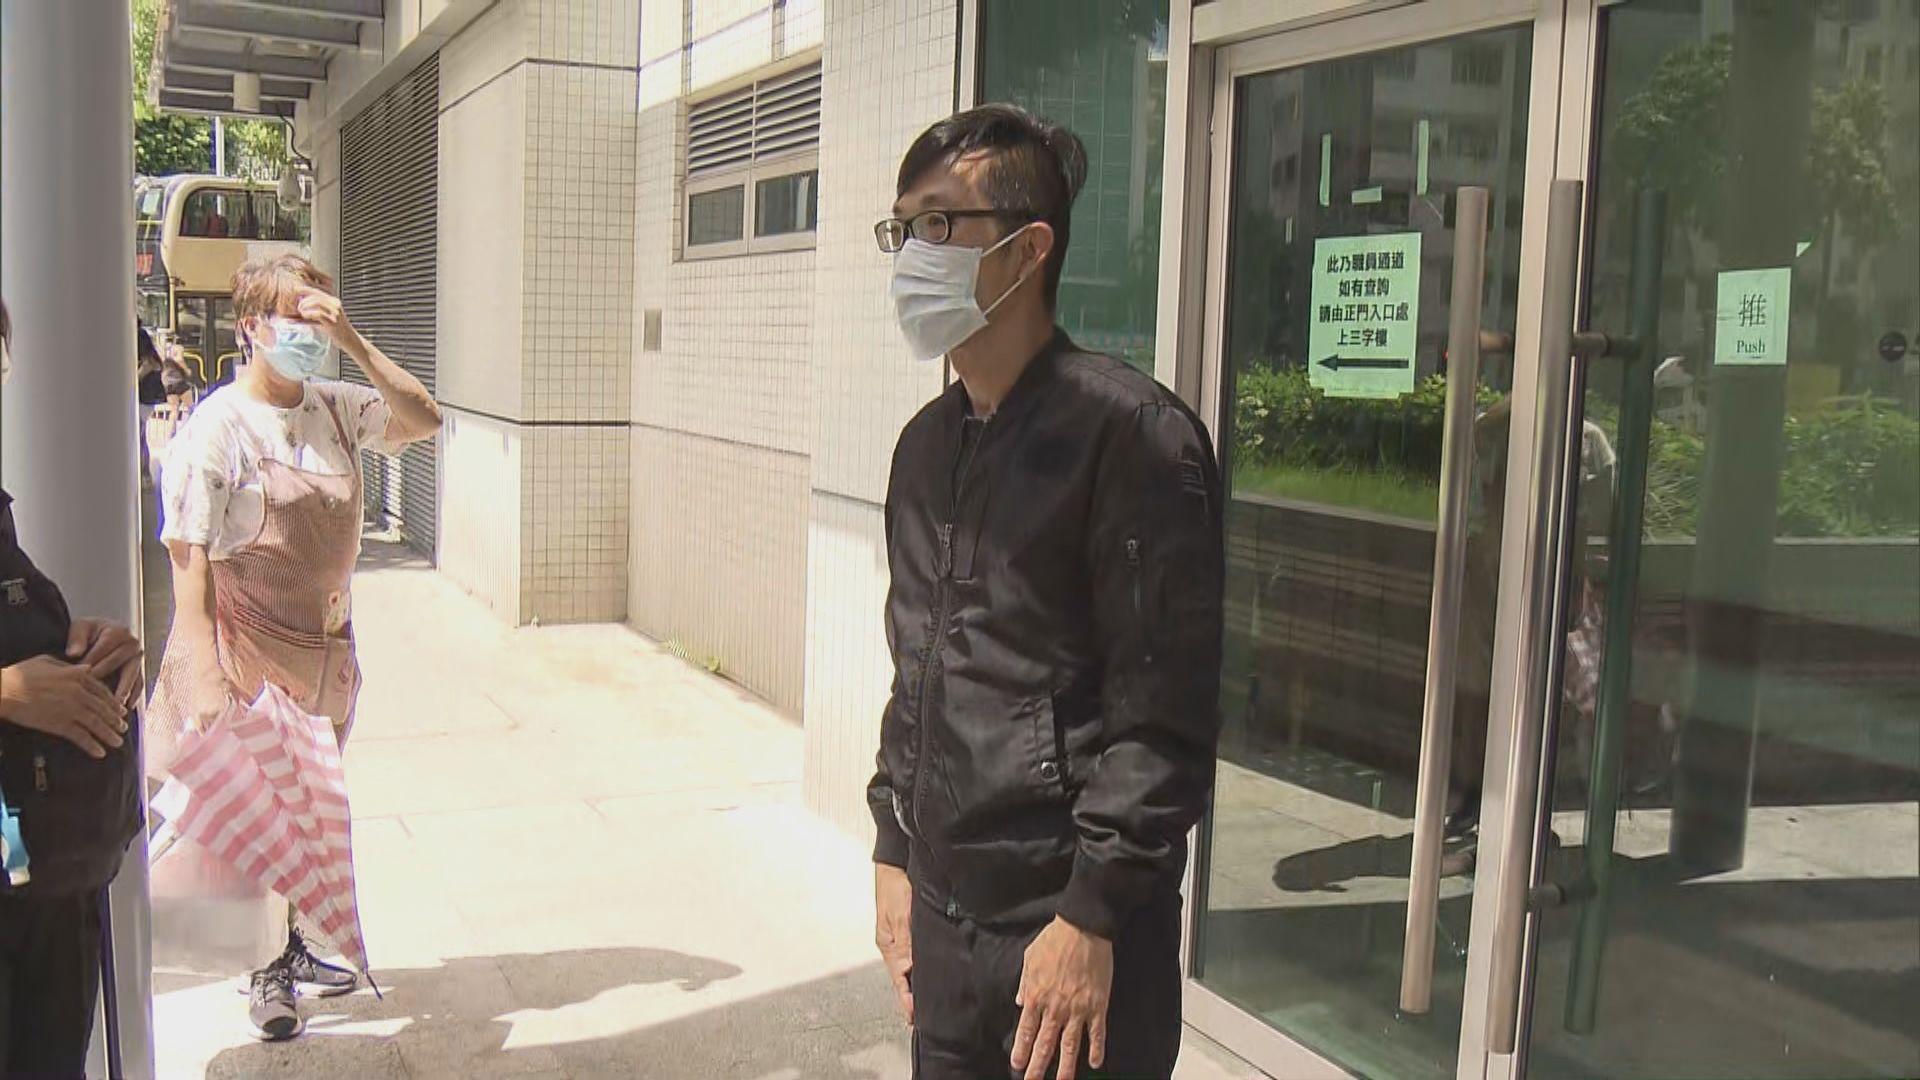 清潔工阻警員截查少年罪成 判社會服務令